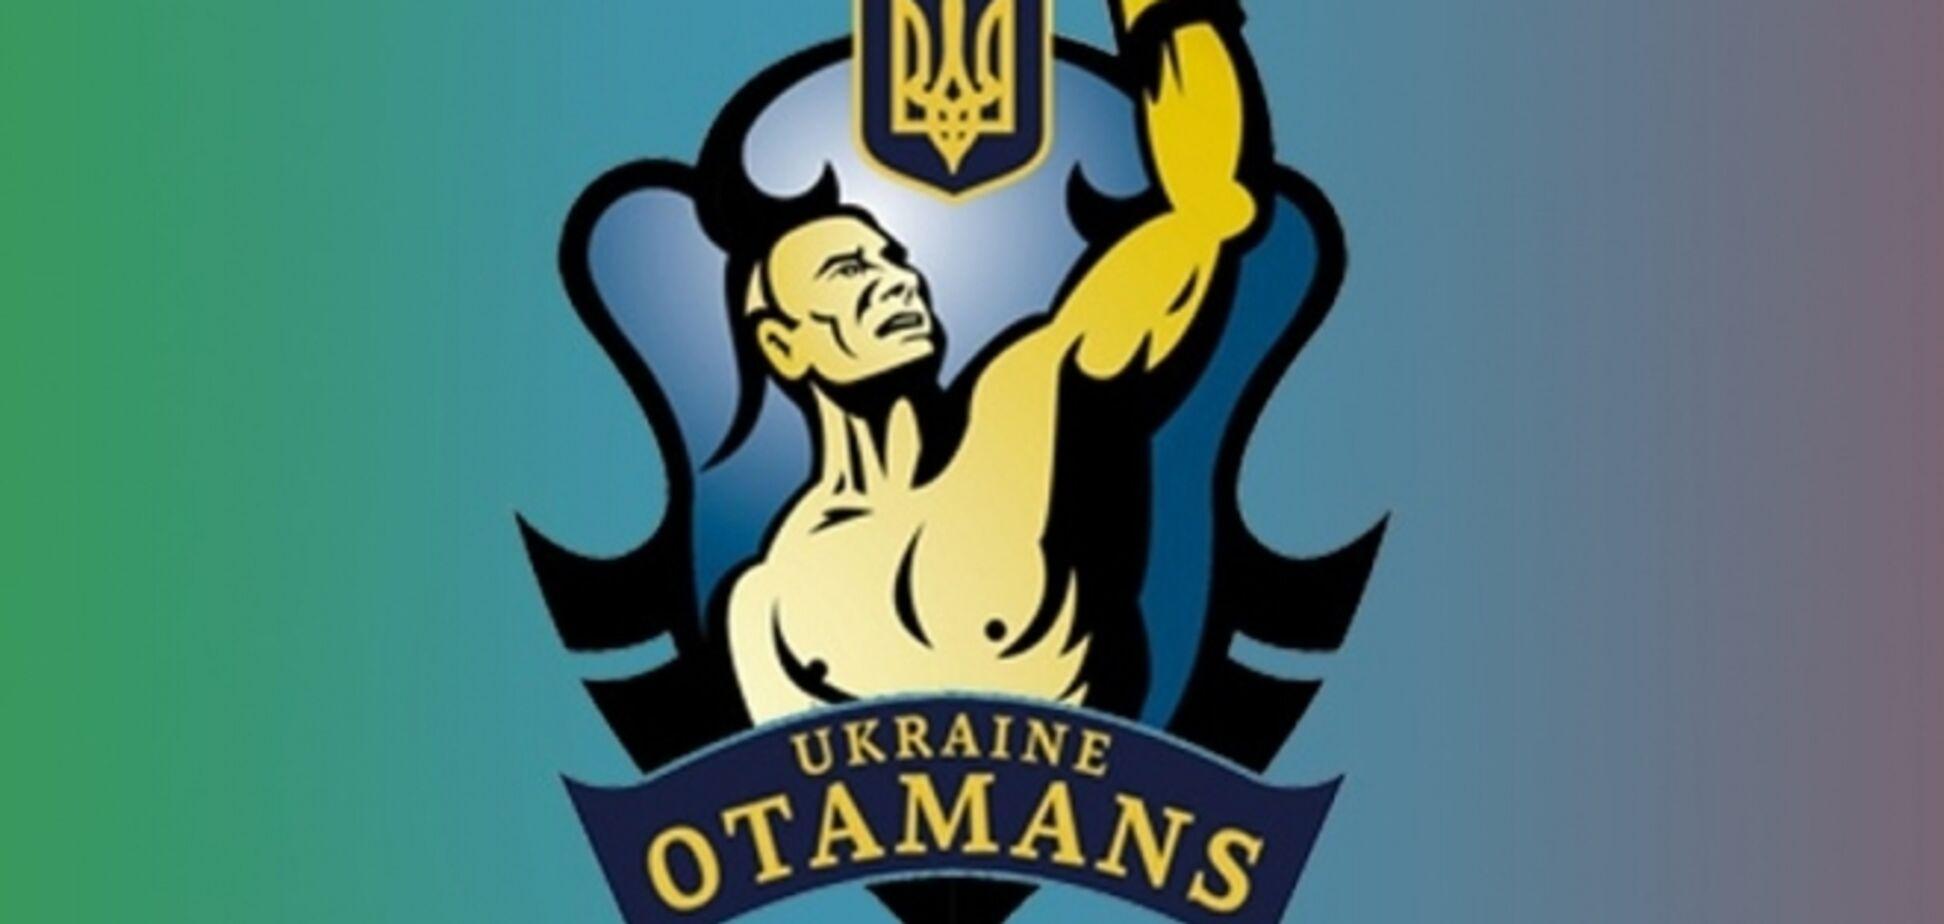 'Украинские атаманы' драматично выиграли у британцев